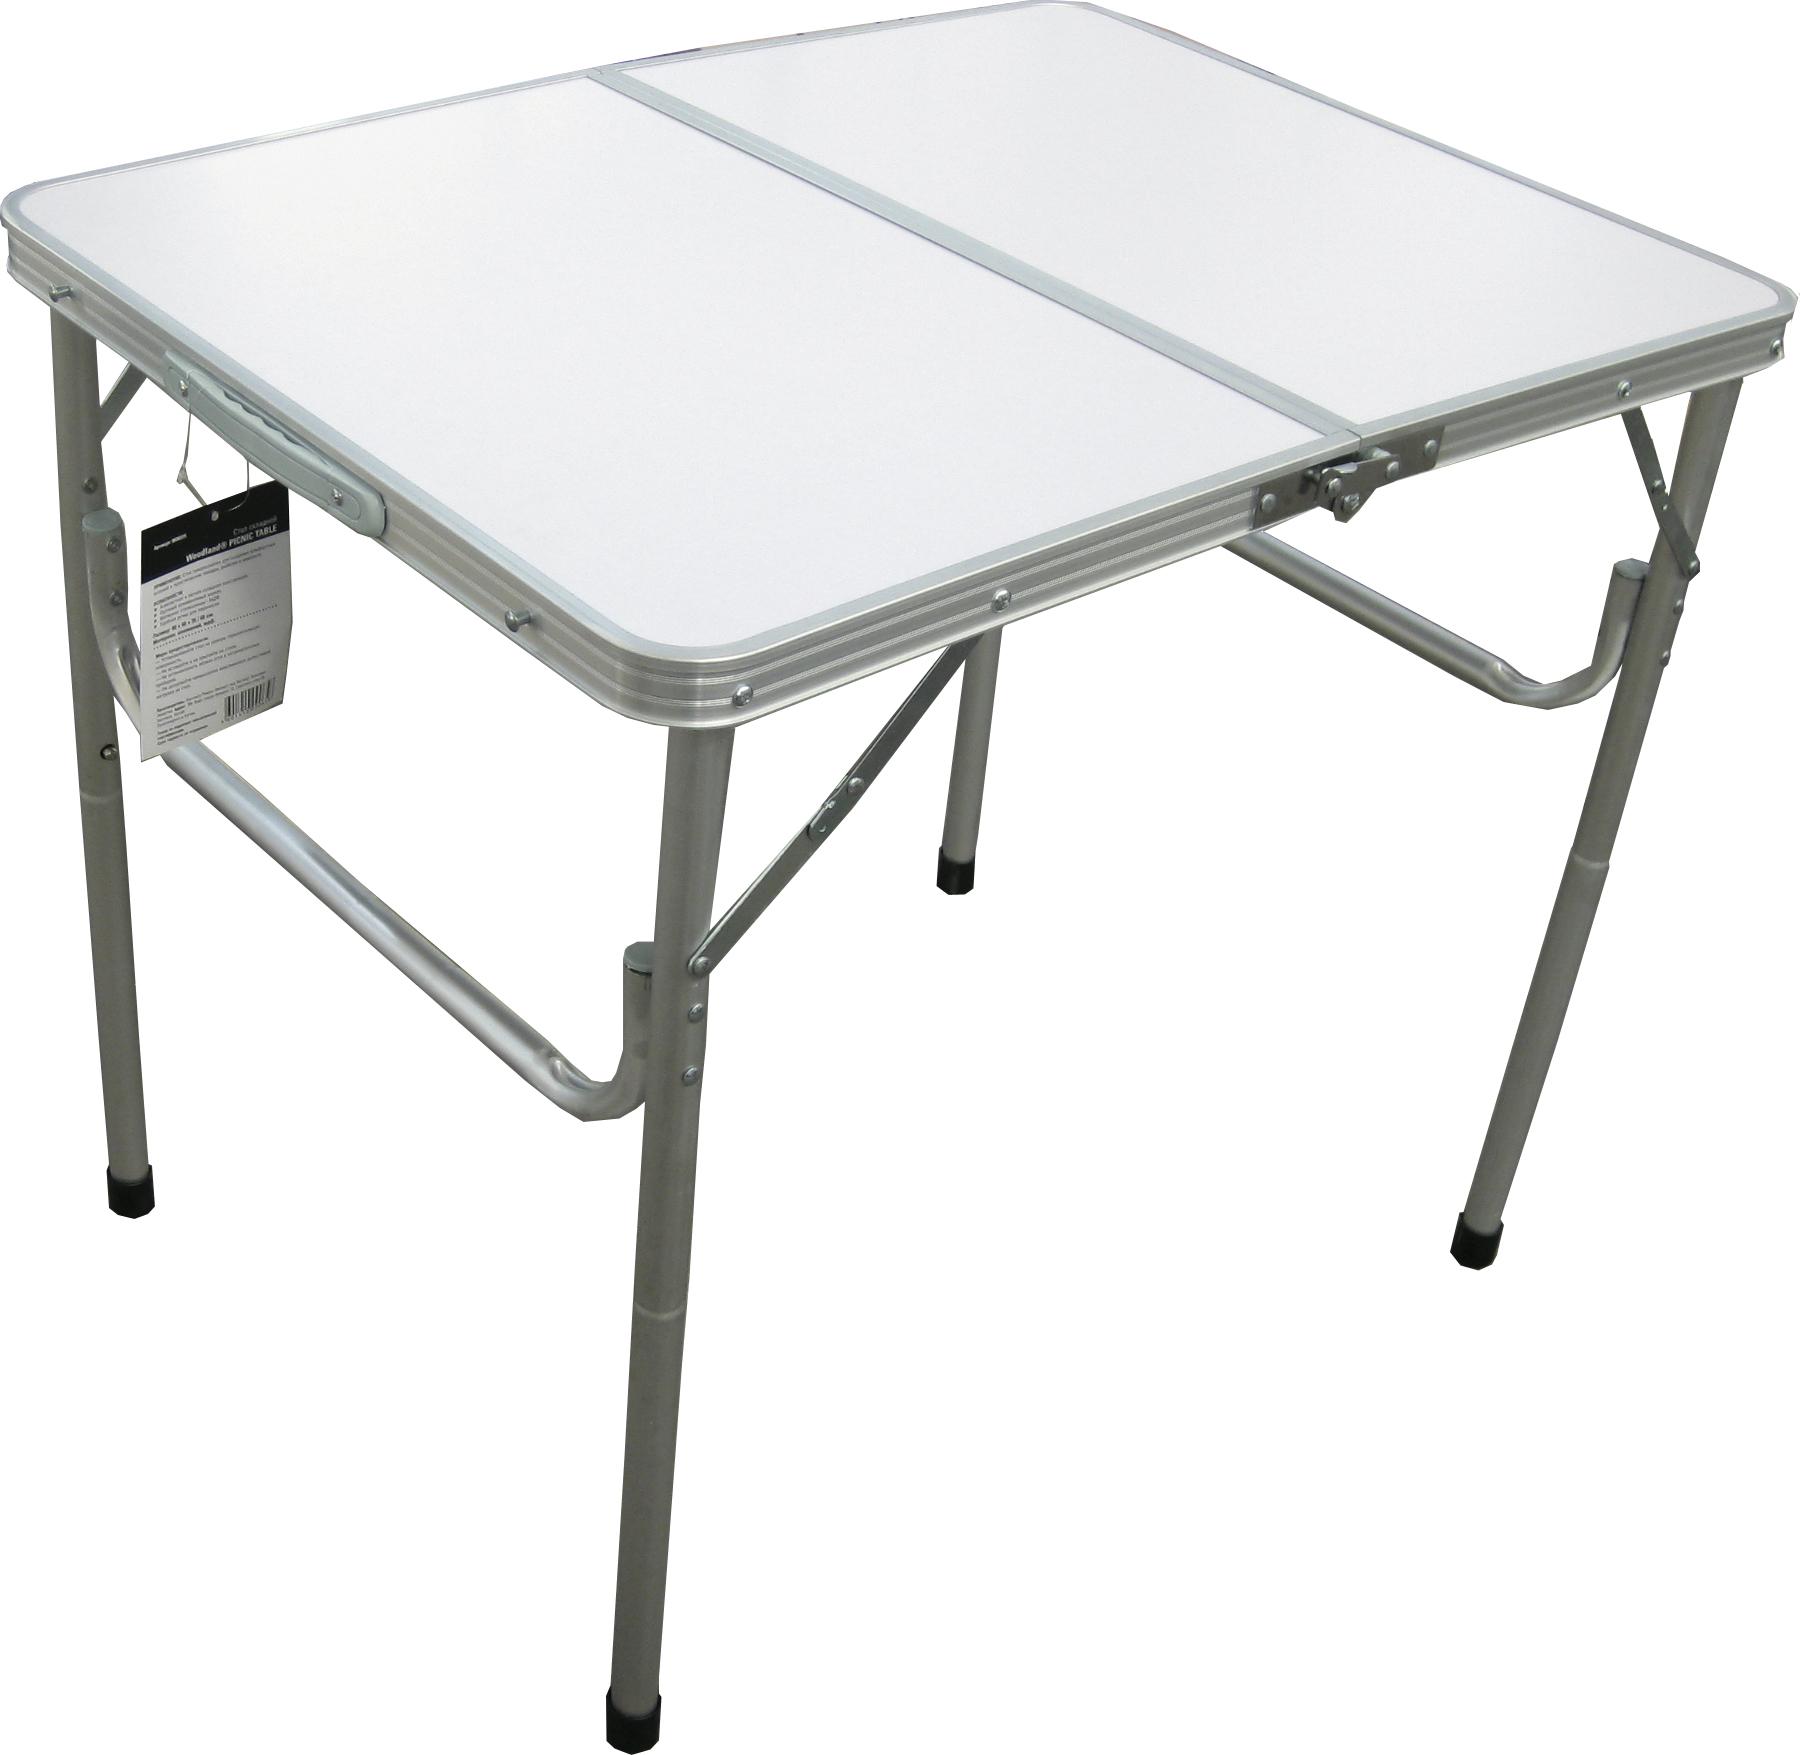 Стол Woodland Picnic Table Luxe, складной, 80 x 60 x 67 см Столы<br>МОДЕЛЬ: Picnic Table U С отверстием под зонт. МАТЕРИАЛЫ: <br>Алюминий МДФ РАЗМЕР: 120 x 60 x 67 см. ВЕС: 3,2 кг. <br>Компактная складная конструкция. Прочный <br>алюминиевый каркас. Материал столешницы <br>- МДФ. Удобная ручка для переноски. Максимально <br>допустимая нагрузка 30 кг.<br>